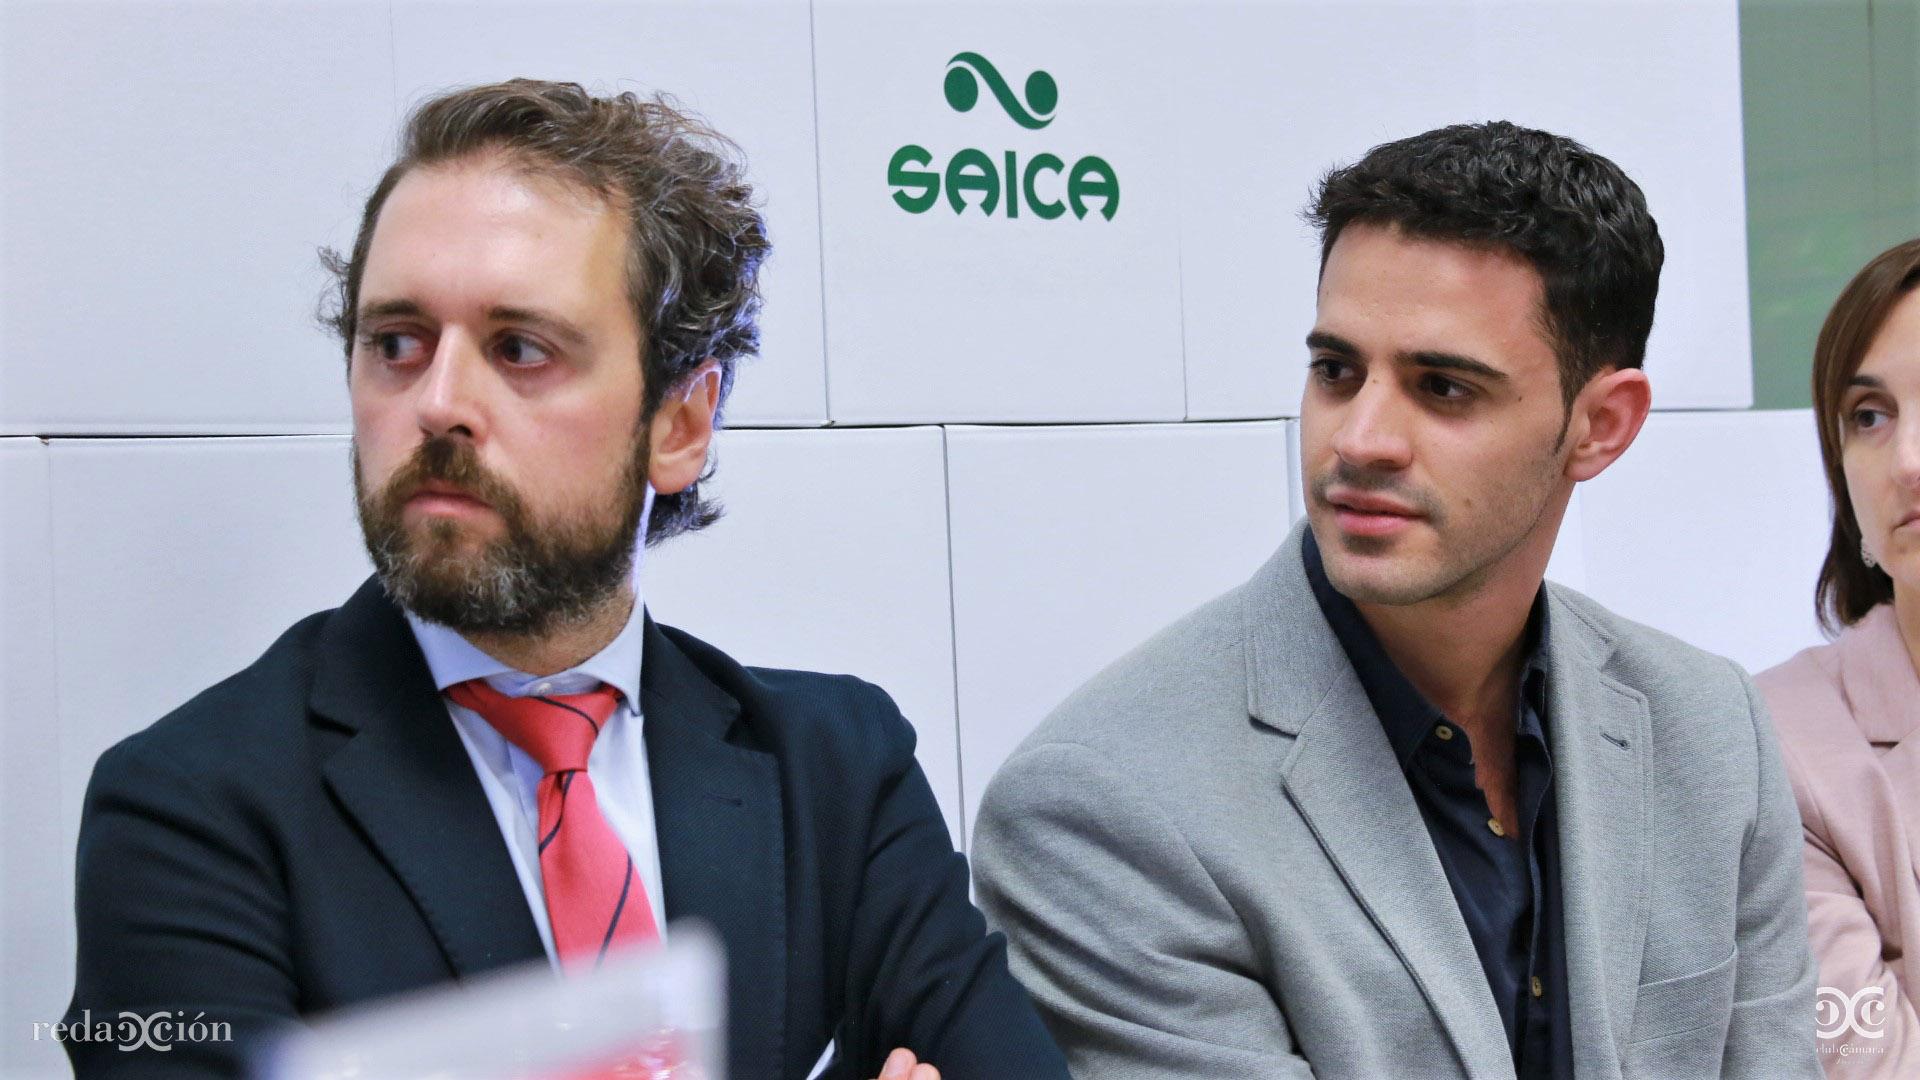 Miguel Ángel Cano y Rafa Ferrer.